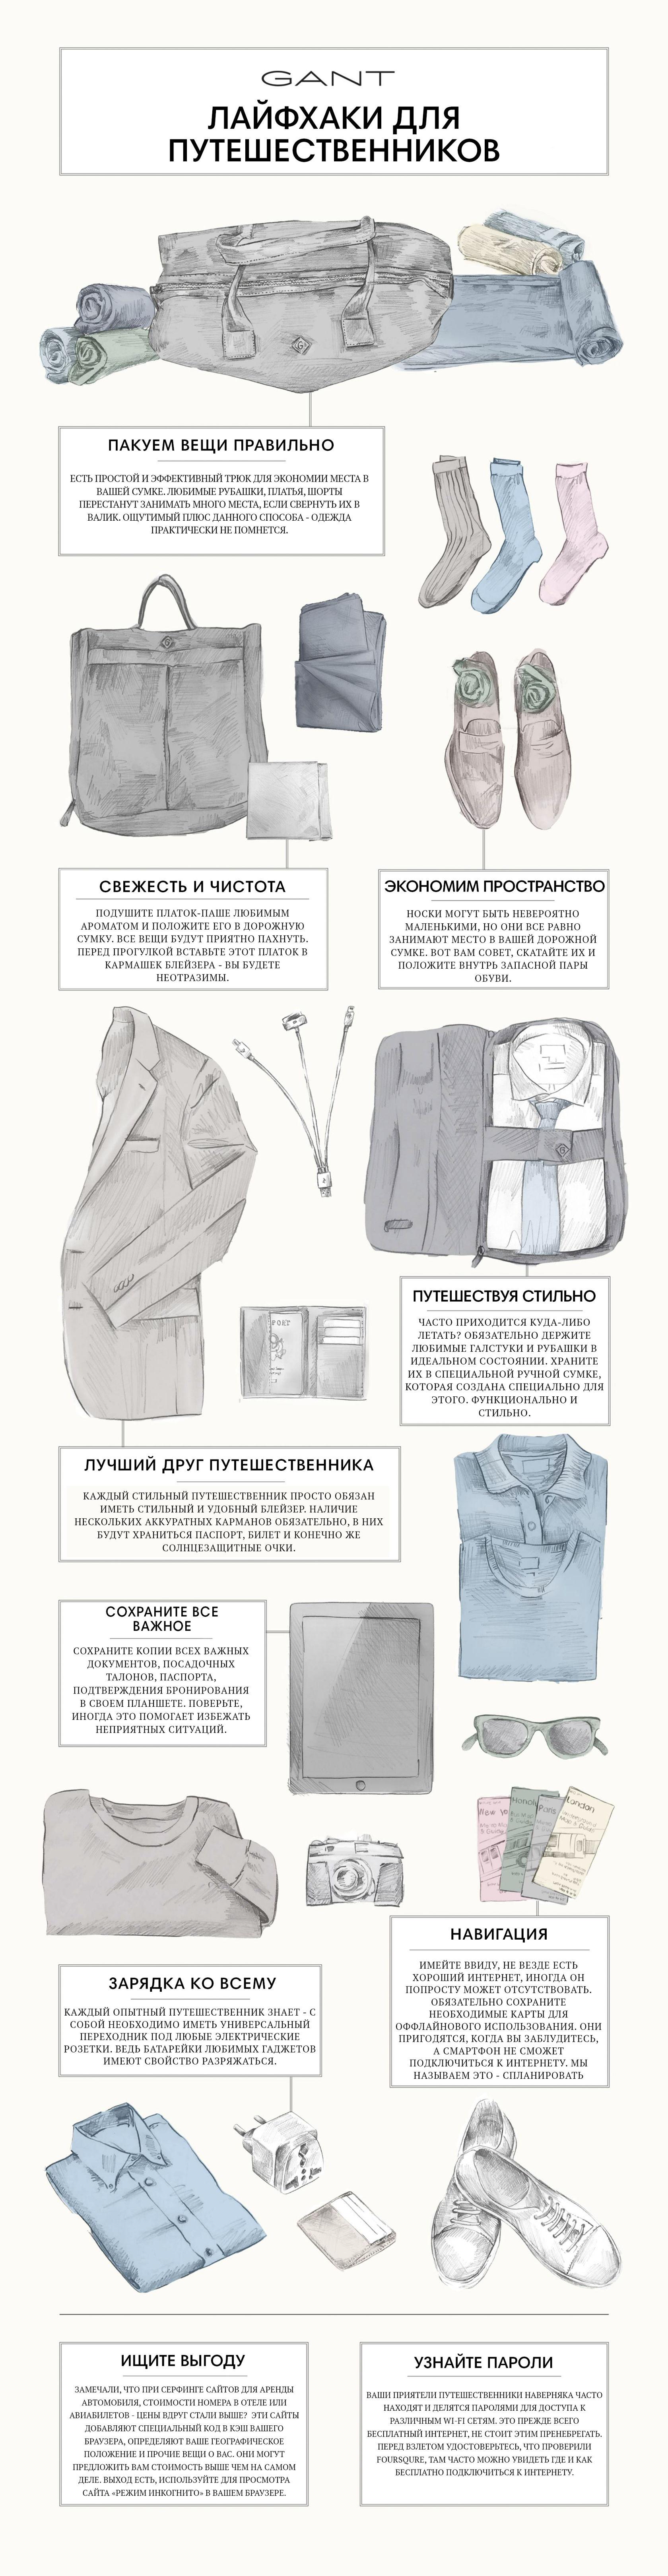 ПАКУЕМ ВЕЩИ ПРАВИЛЬНО  Есть простой и эффективный трюк для экономии места в вашей сумке. Любимые рубашки, платья, шорты перестанут занимать много места, если свернуть их в валик. Ощутимый плюс данного способа - одежда практически не помнется. СВЕЖЕСТЬ И ЧИСТОТА  Слегка подушите платок-паше любимым ароматом и положите его в дорожную сумку. Все ваши вещи будут приятно пахнуть. Перед прогулкой вставьте этот платок в кармашек блейзера - вы будете неотразимы. ЭКОНОМИМ ПРОСТРАНСТВО  Носки могут быть невероятно маленькими, но они все равно занимают место в вашей дорожной сумке. Вот вам совет, скатайте их и положите внутрь запасной пары обуви. ПУТЕШЕСТВУЯ СТИЛЬНО  Часто приходится куда-либо летать? Обязательно держите любимые галстуки и рубашки в идеальном состоянии. Храните их в специальной ручной сумке, которая создана специально для этого. Функционально и стильно. ЛУЧШИЙ ДРУГ ПУТЕШЕСТВЕННИКА  Каждый стильный путешественник просто обязан иметь стильный и удобный блейзер. Наличие нескольких аккуратных карманов обязательно, в них будут храниться паспорт, билет и конечно же солнцезащитные очки. СОХРАНИТЕ ВСЕ ВАЖНОЕ  Сохраните копии всех важных документов, посадочных талонов, паспорта, подтверждения бронирования в своем планшете. Поверьте, иногда это помогает избежать неприятных ситуаций. ЗАРЯДКА КО ВСЕМУ  Каждый опытный путешественник знает - с собой необходимо иметь универсальный переходник под любые электрические розетки. Ведь батарейки любимых гаджетов имеют свойство разряжаться. НАВИГАЦИЯ  Имейте ввиду, не везде есть хороший интернет, иногда он попросту может отсутствовать. Обязательно сохраните необходимые карты для оффлайнового использования. Они пригодятся, когда вы заблудитесь, а смартфон не сможет подключиться к интернету. Мы называем это - спланировать заранее. ИЩИТЕ ВЫГОДУ  Вы наверняка замечали, что при пересмотре сайтов для аренды автомобиля, просмотра стоимости номера в отеле или бронирования полета - цены вдруг стали выше? Есть один трюк. Эти сайты добавляют с